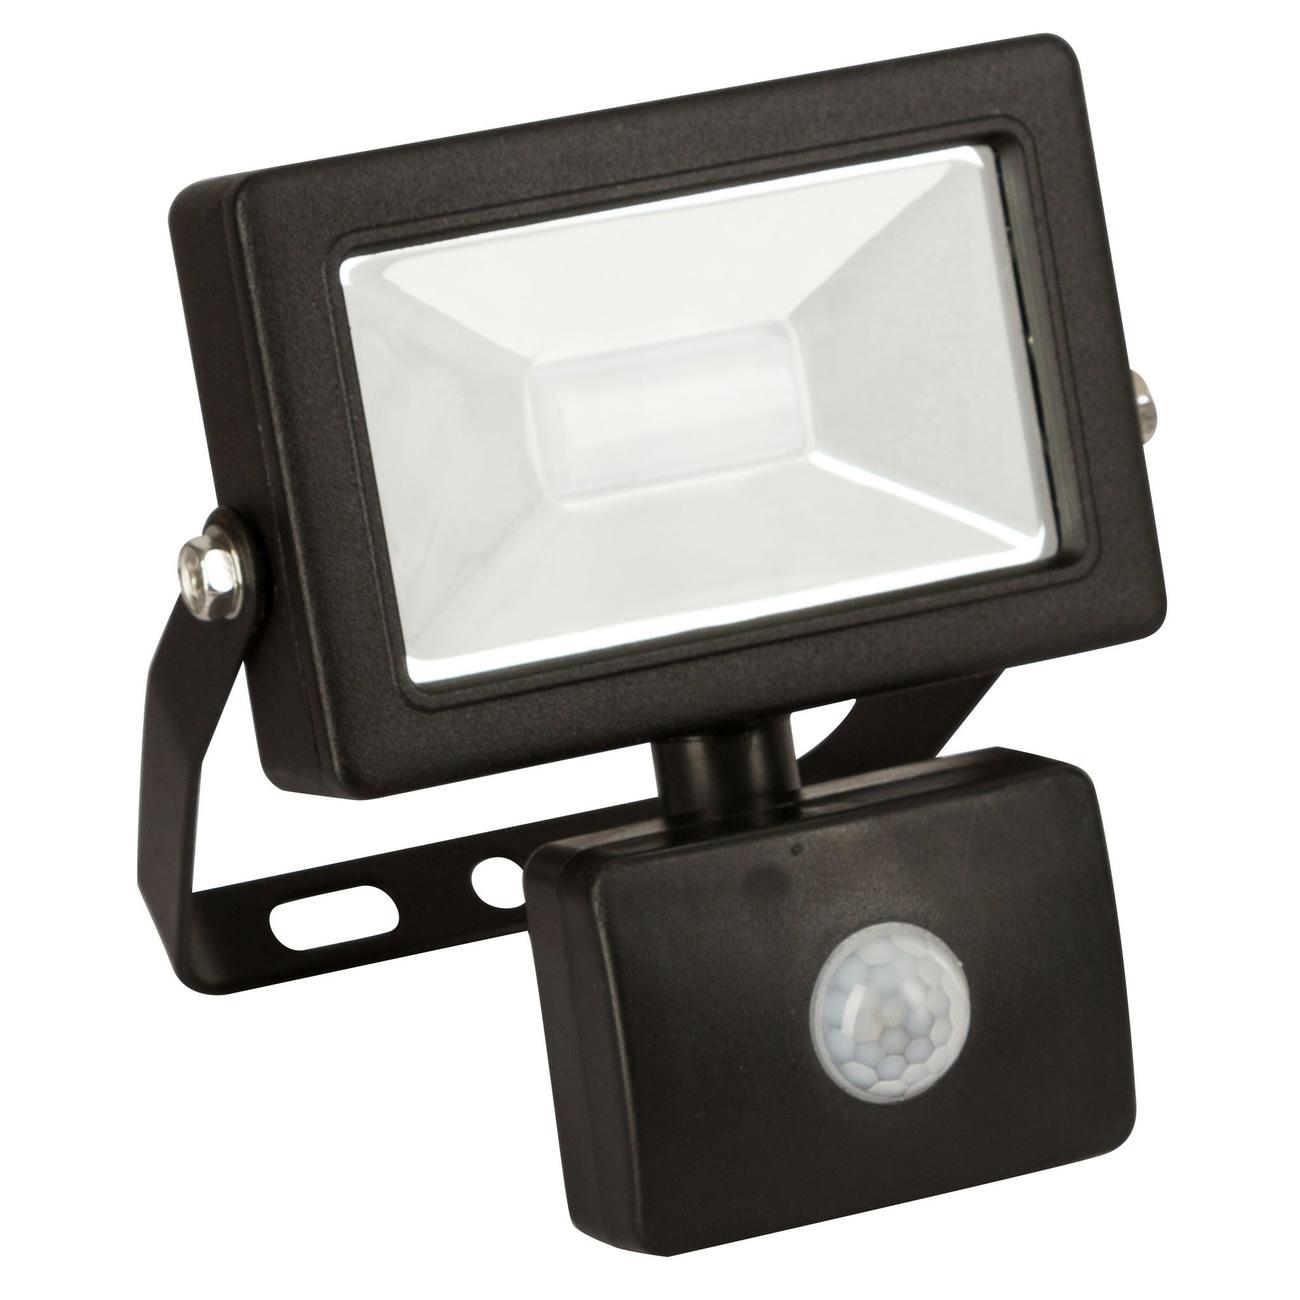 Kerbl LED-Außenstrahler mit oder ohne Bewegungsmelder, 10W, mit Bewegungsmelder - 800Im, B134xH145xT70mm